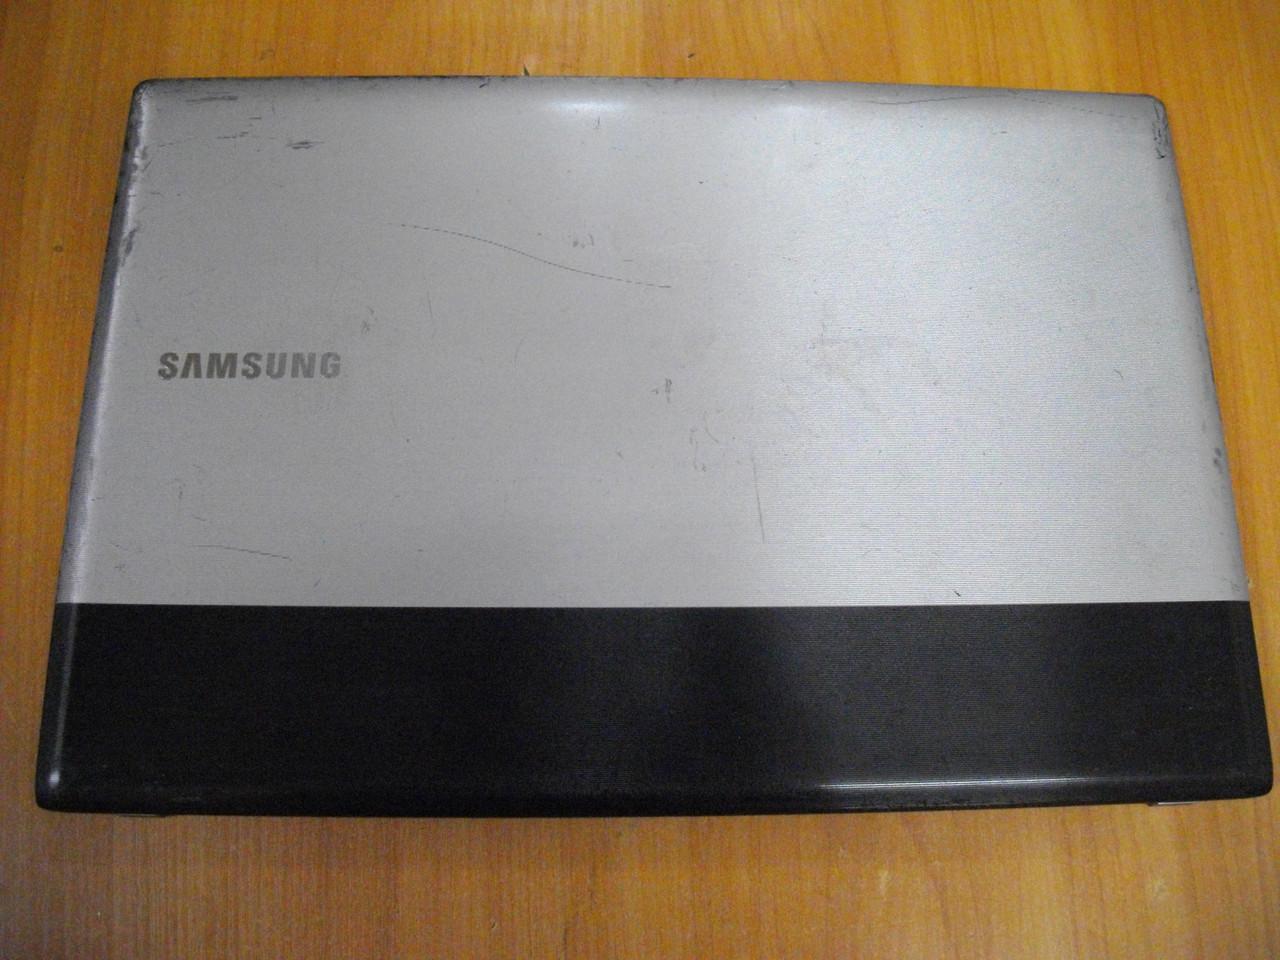 Оригинальный Корпус Крышка матрицы Samsung NP-RV509, RV509 бу